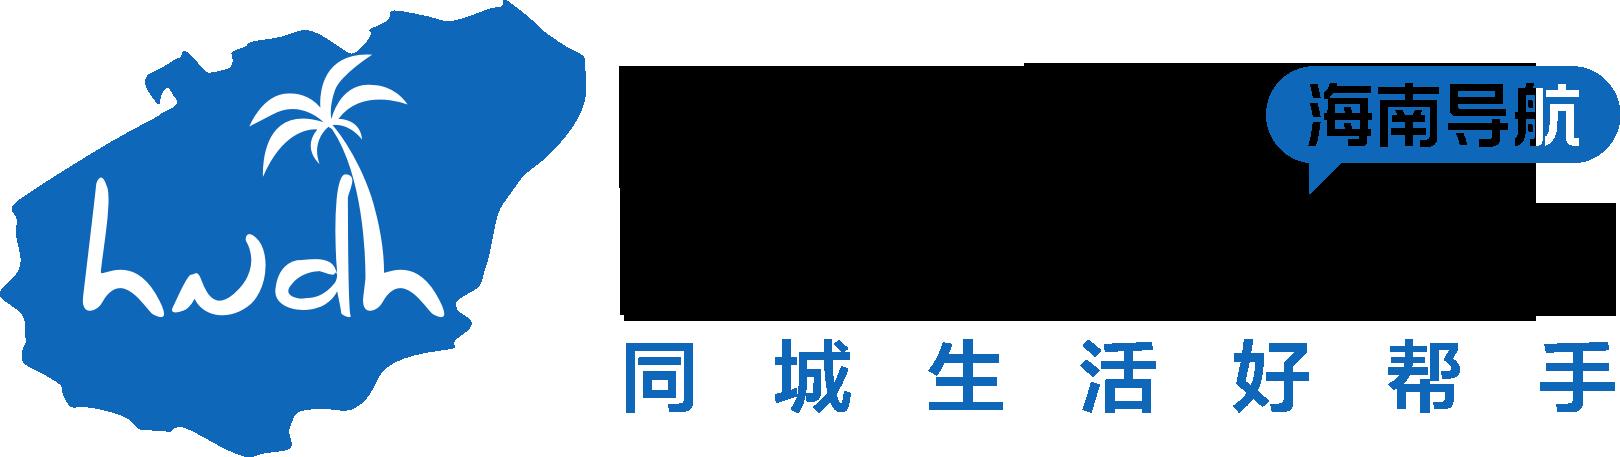 海南导航(昌江)-海南自贸港同城服务平台